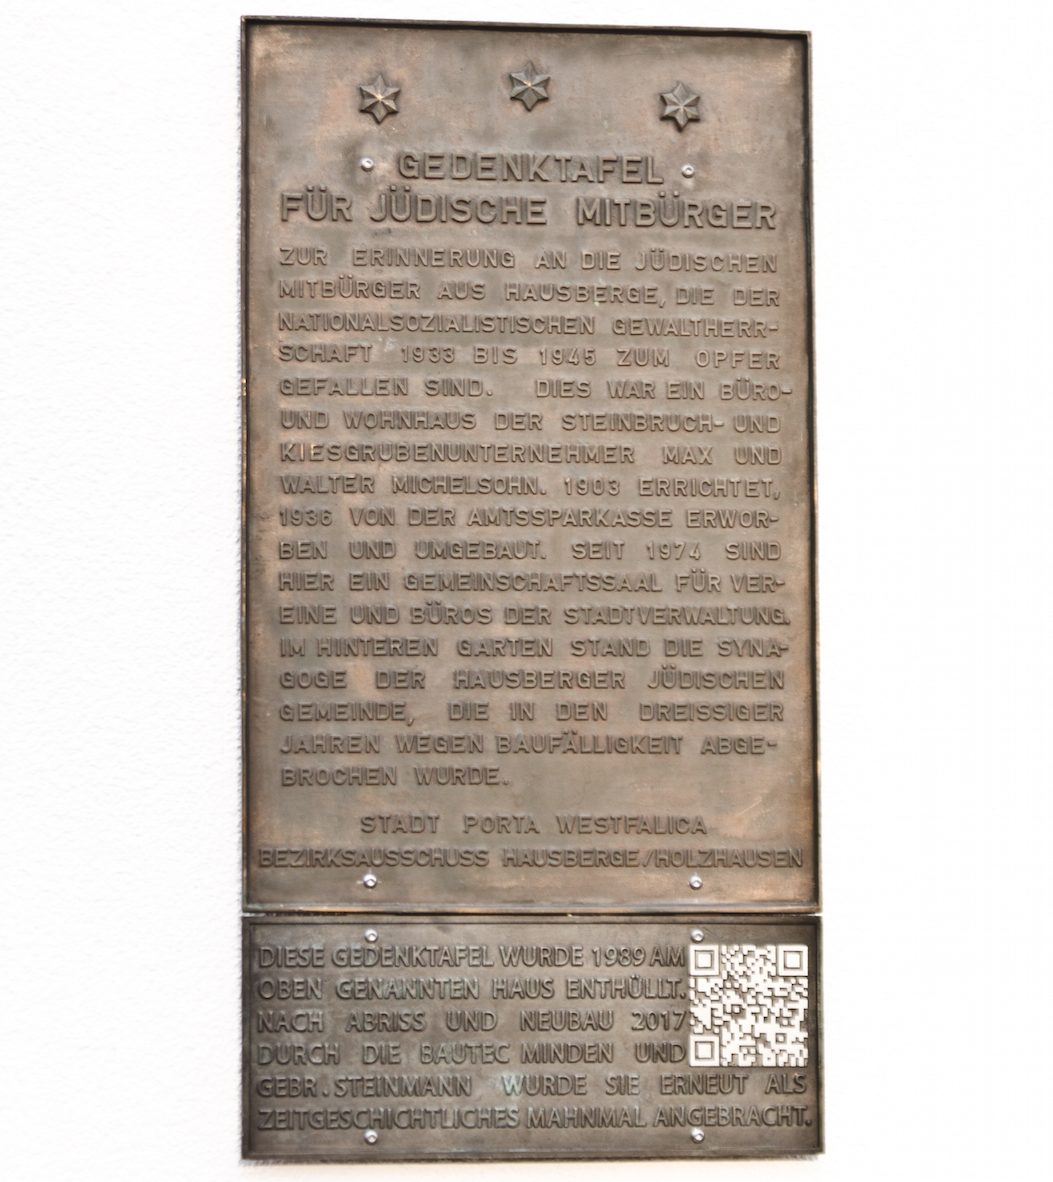 Wiederanbringung der Gedenktafel für Jüdische Mitbürger